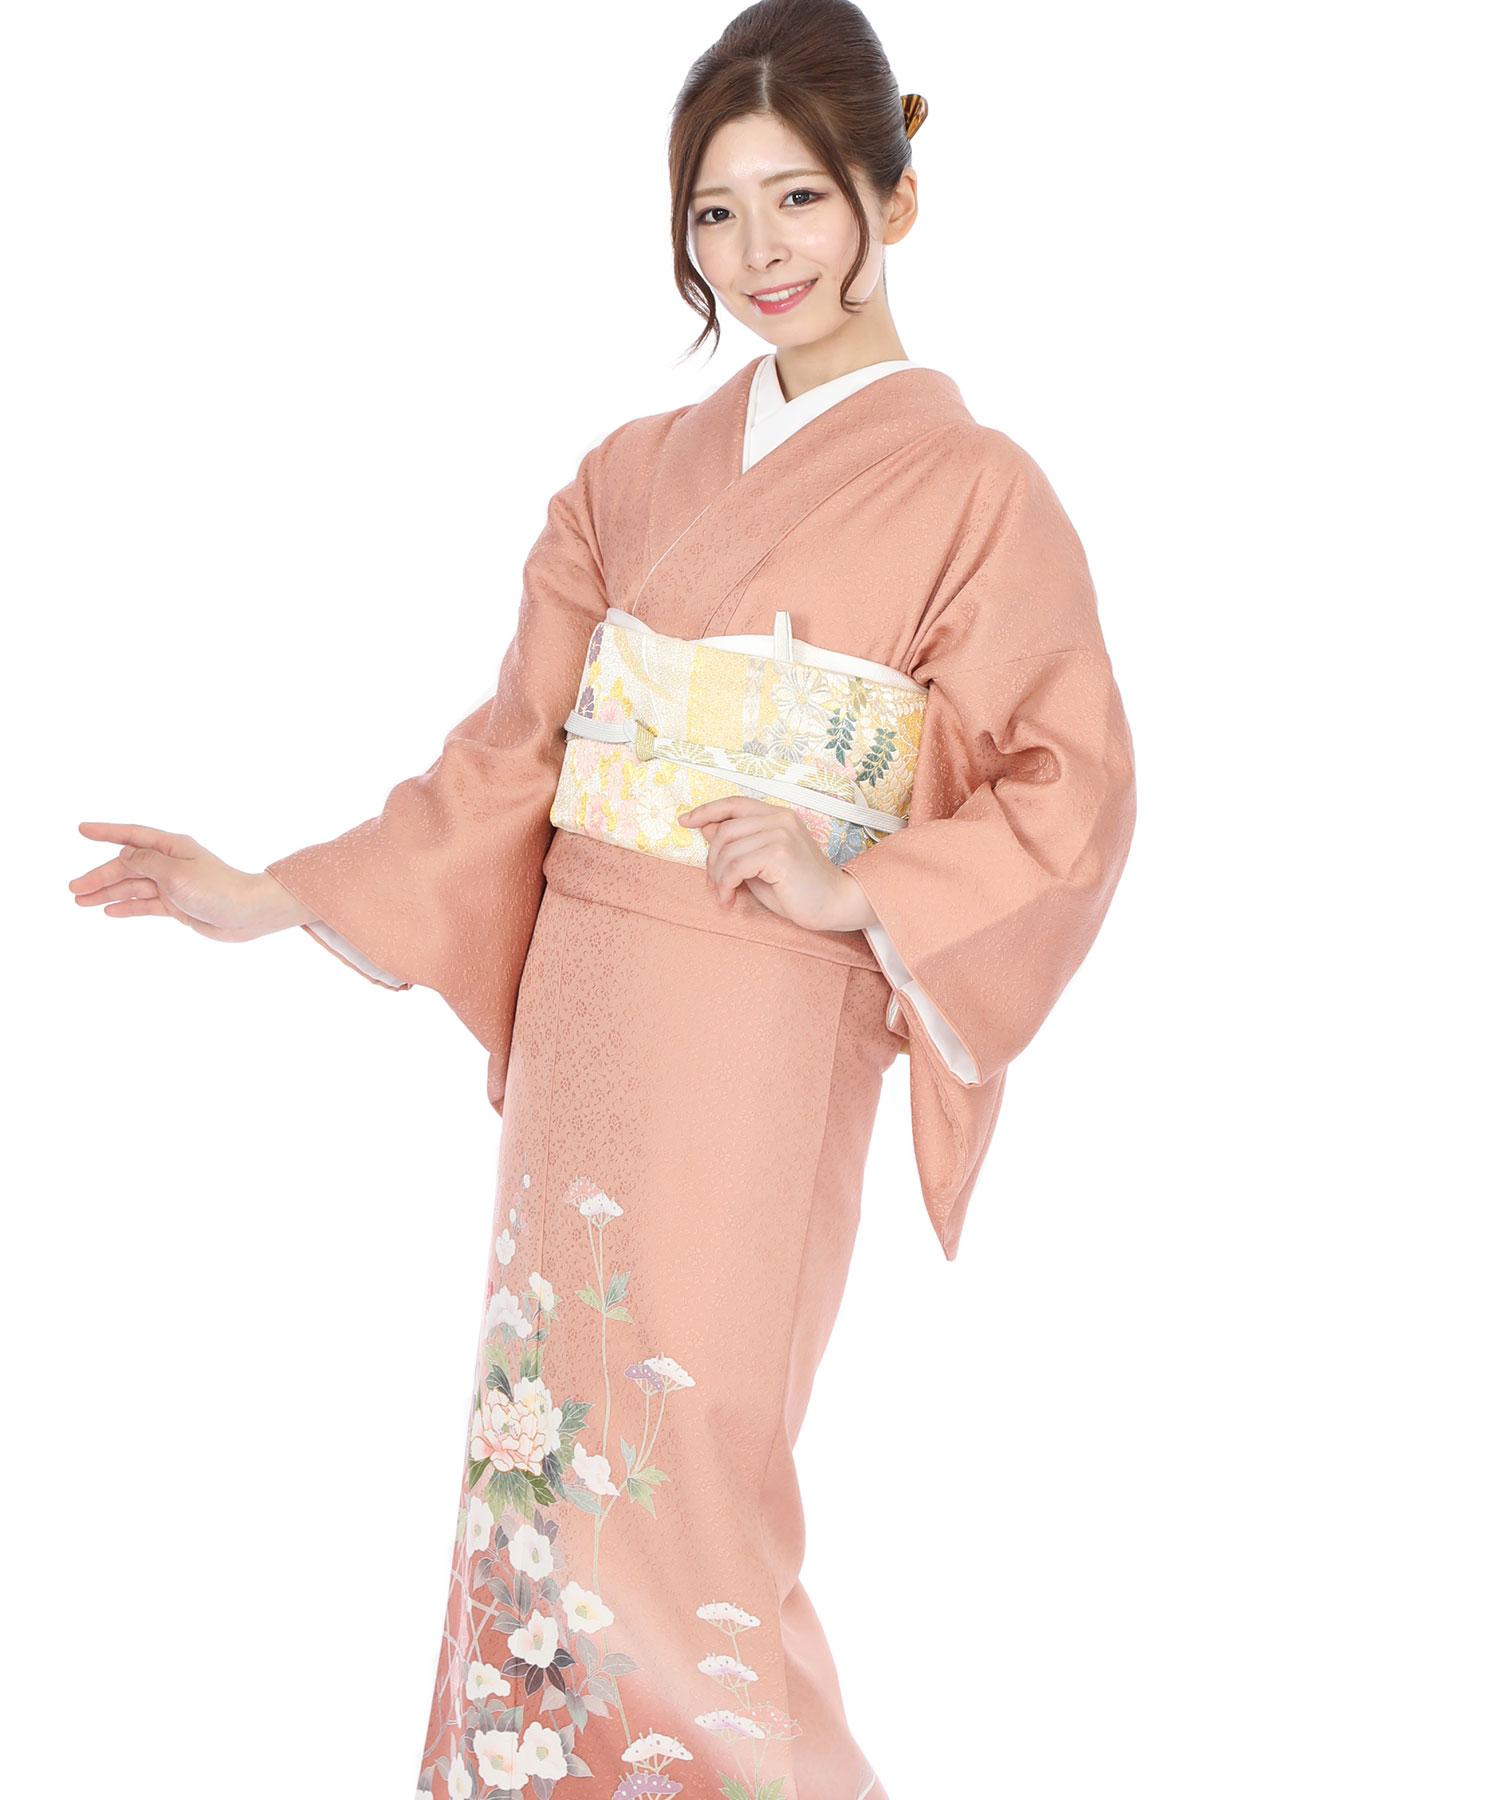 色留袖レンタル|ピンク地に梅と椿籠目